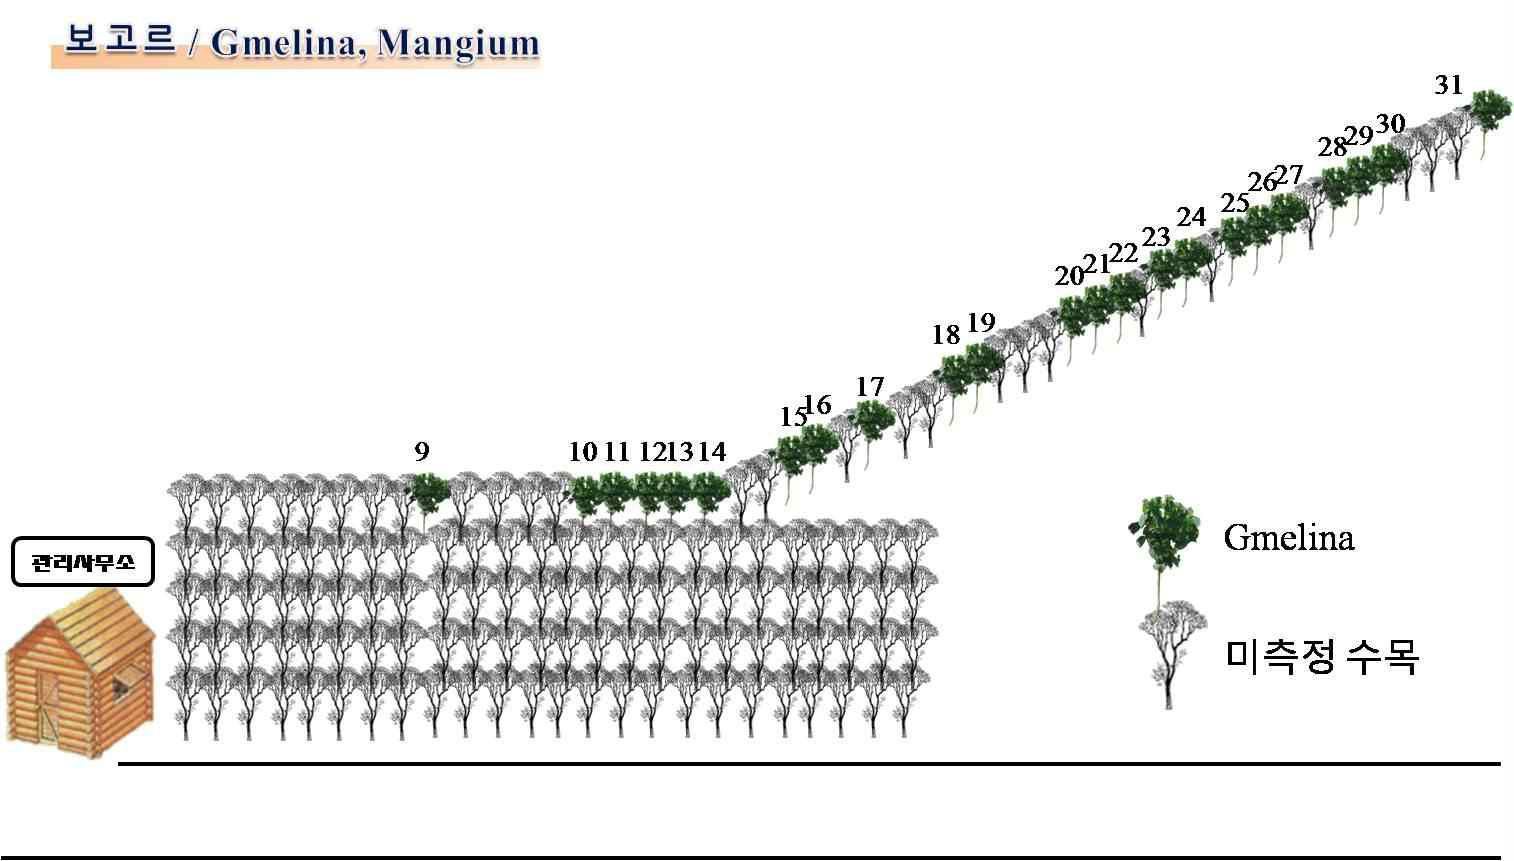 Parung Panjang 조림사업장의 실험사이트 및 실험목 선정 배치도(2).